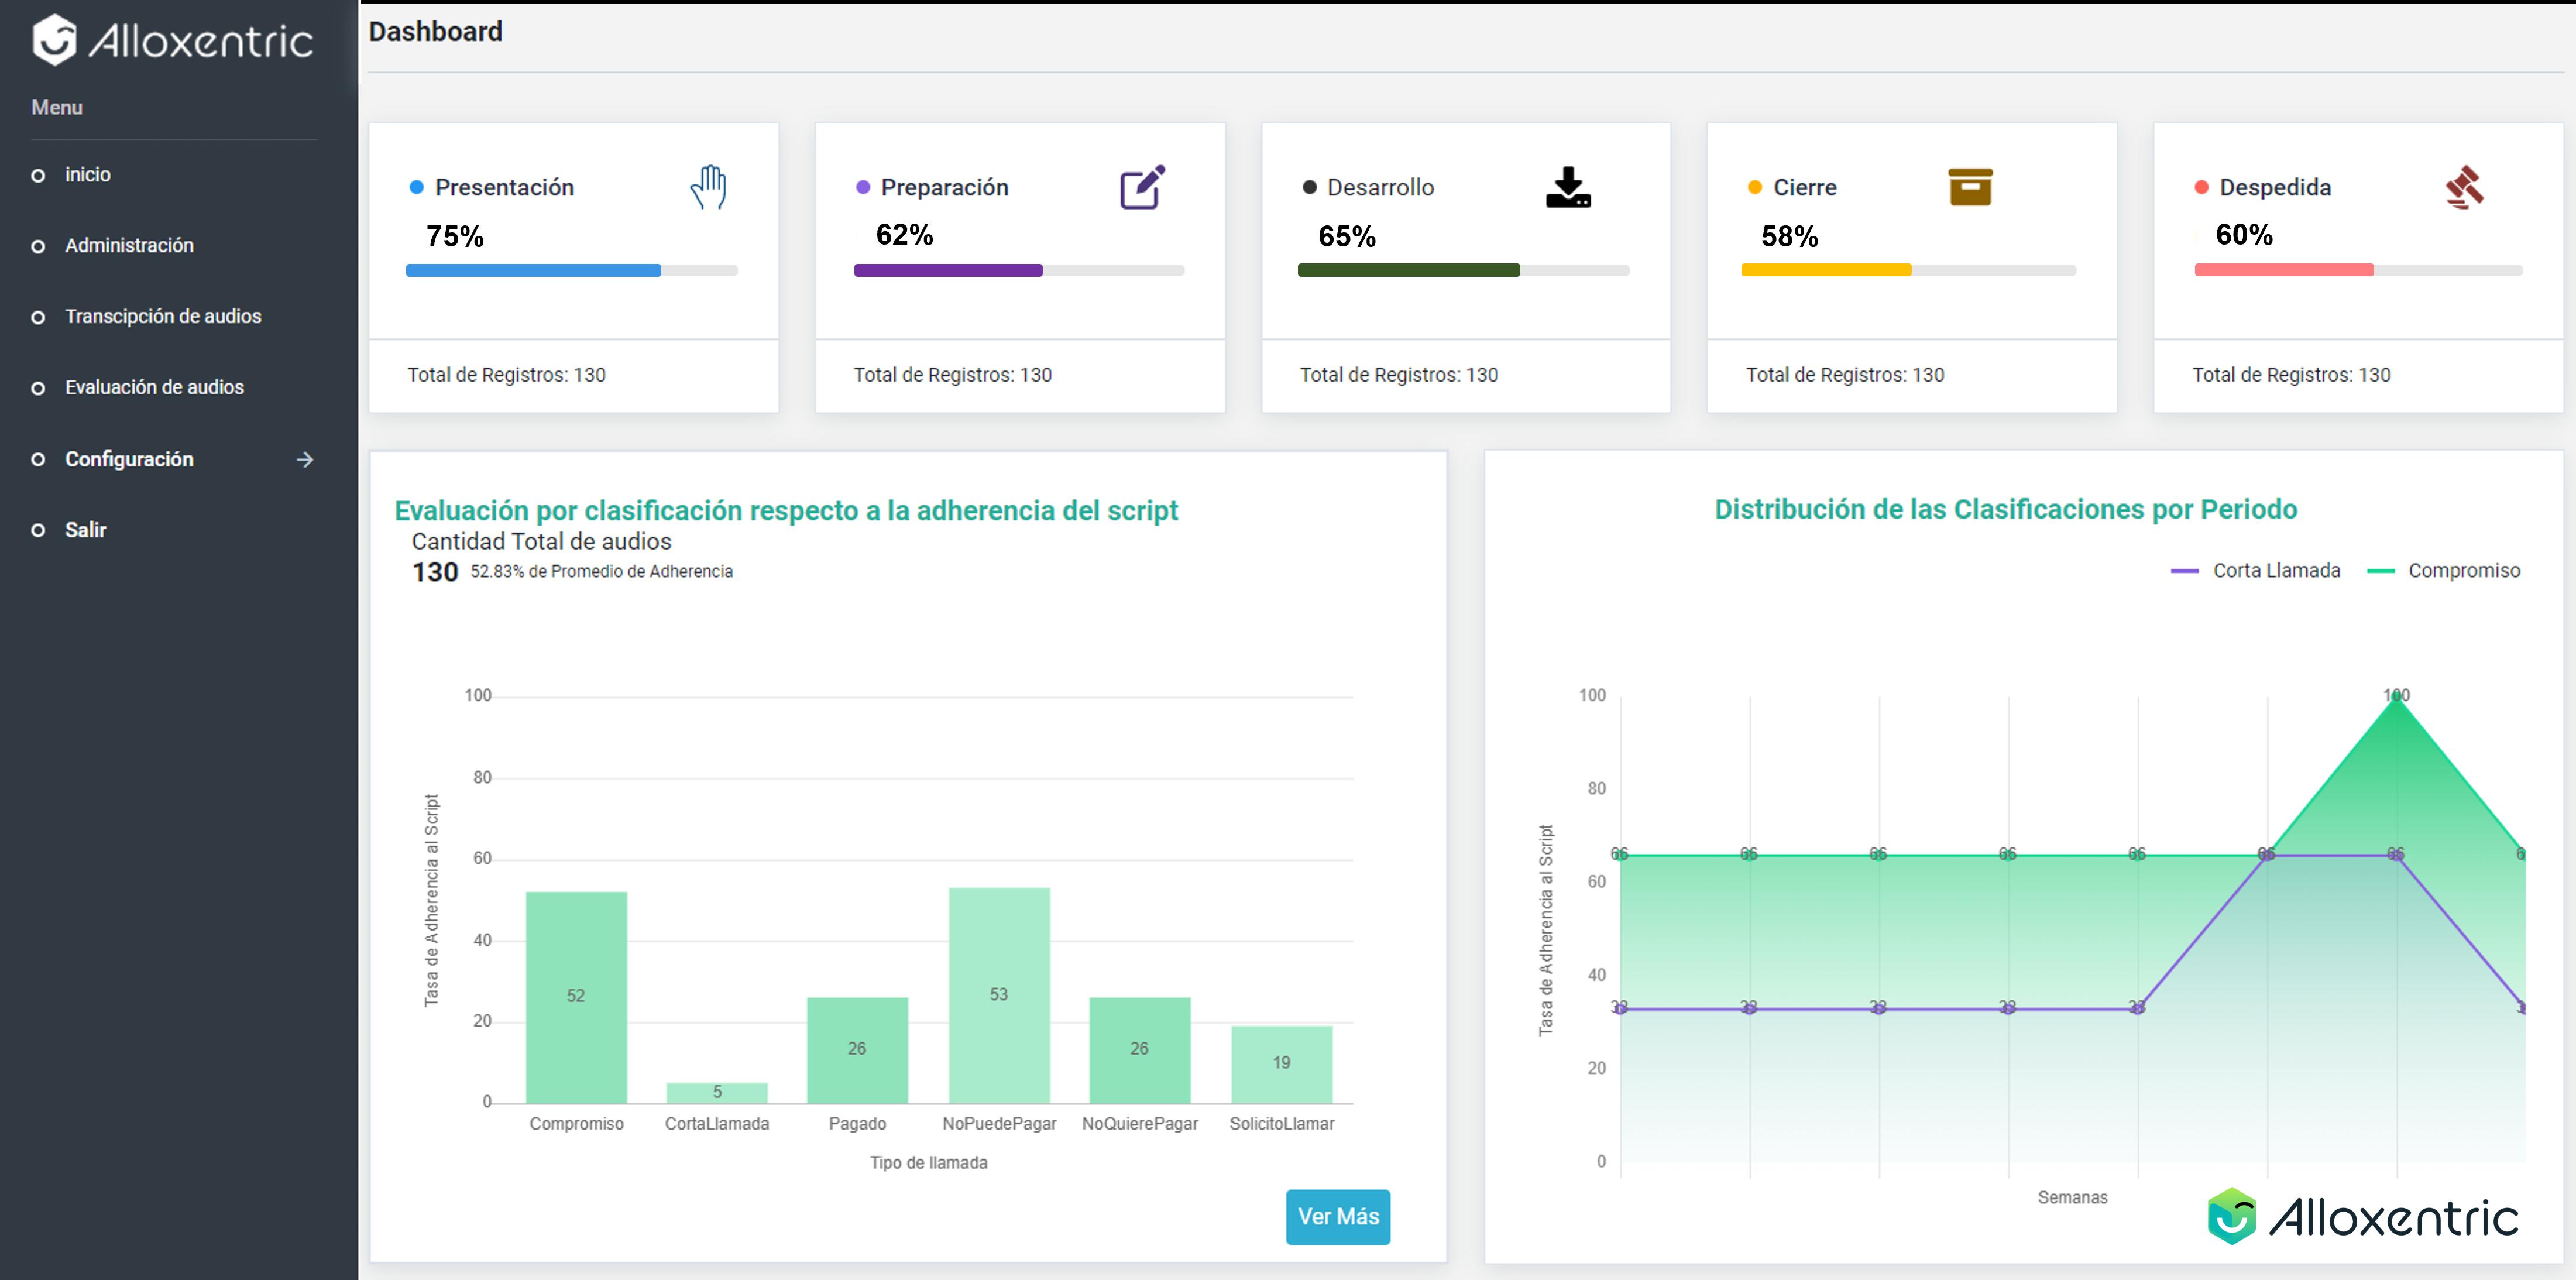 Llega Analítica CX, nueva plataforma para evaluar la calidad en la atención al cliente